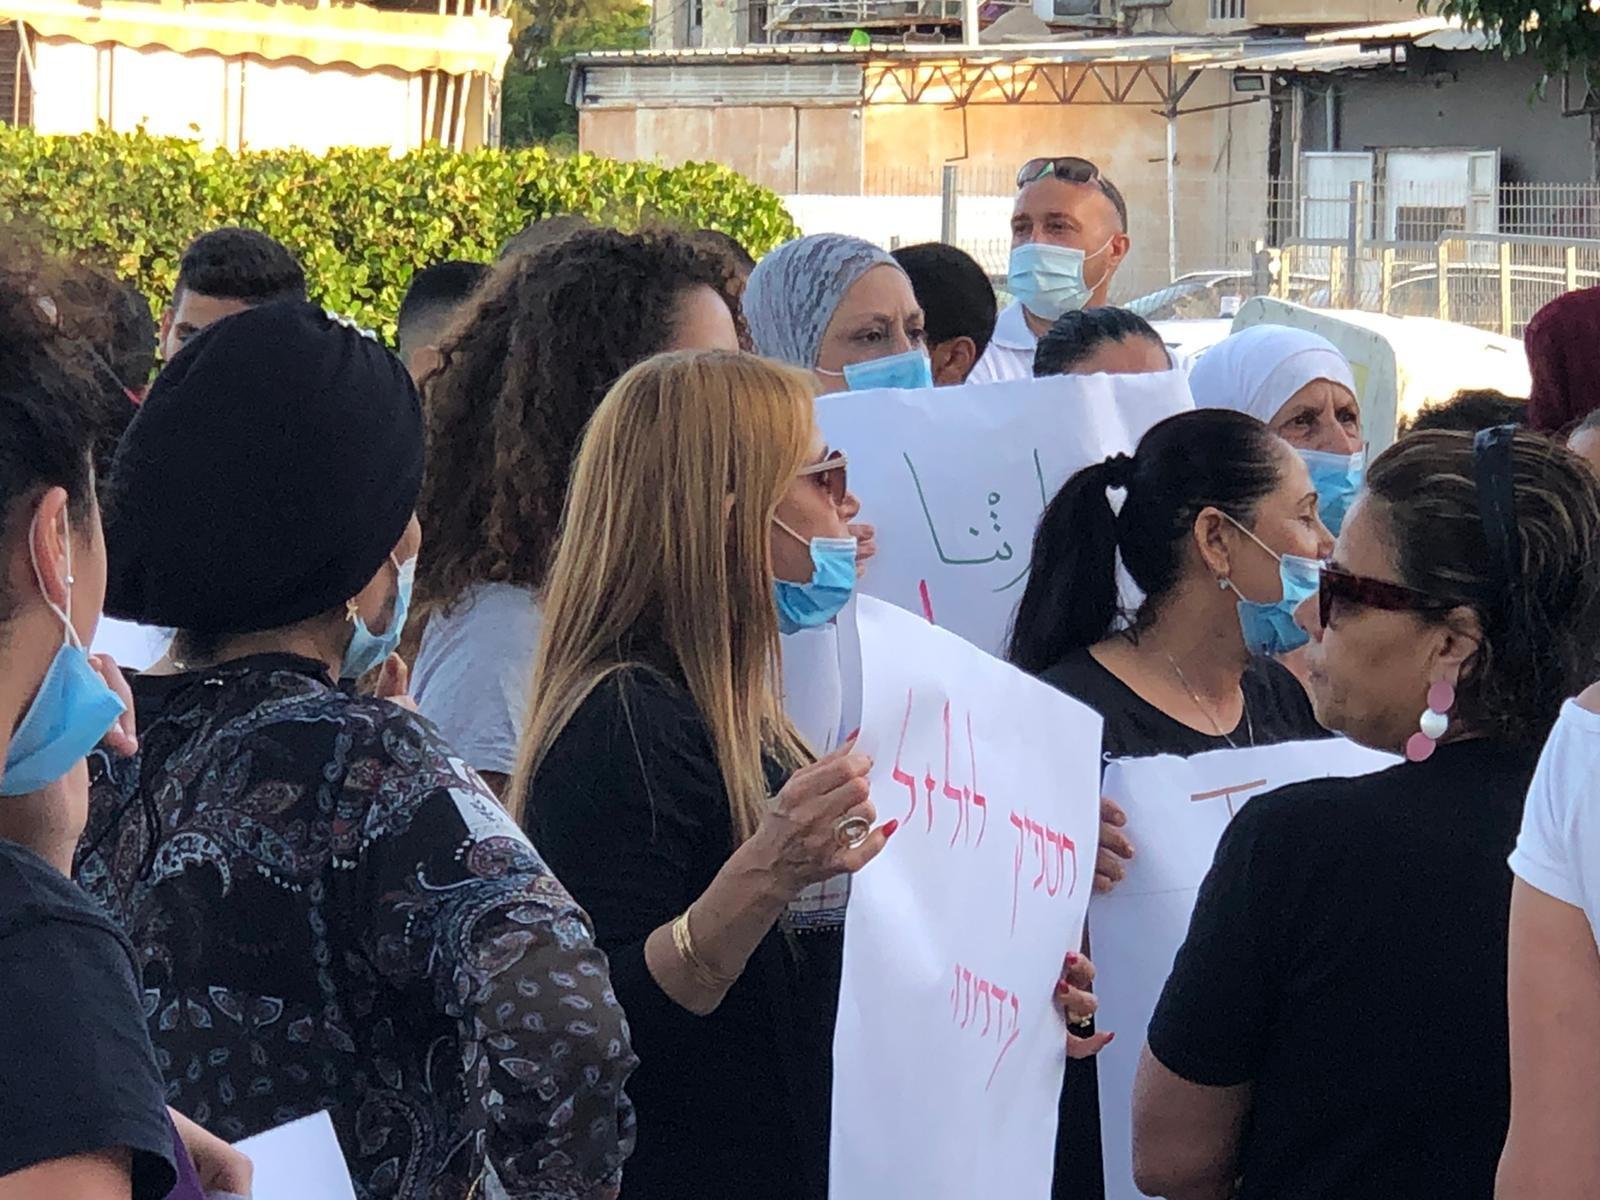 حيفا: الاسبوع القادم اجتماع مع رئيسة بلدية حيفا حول حي الحليصة